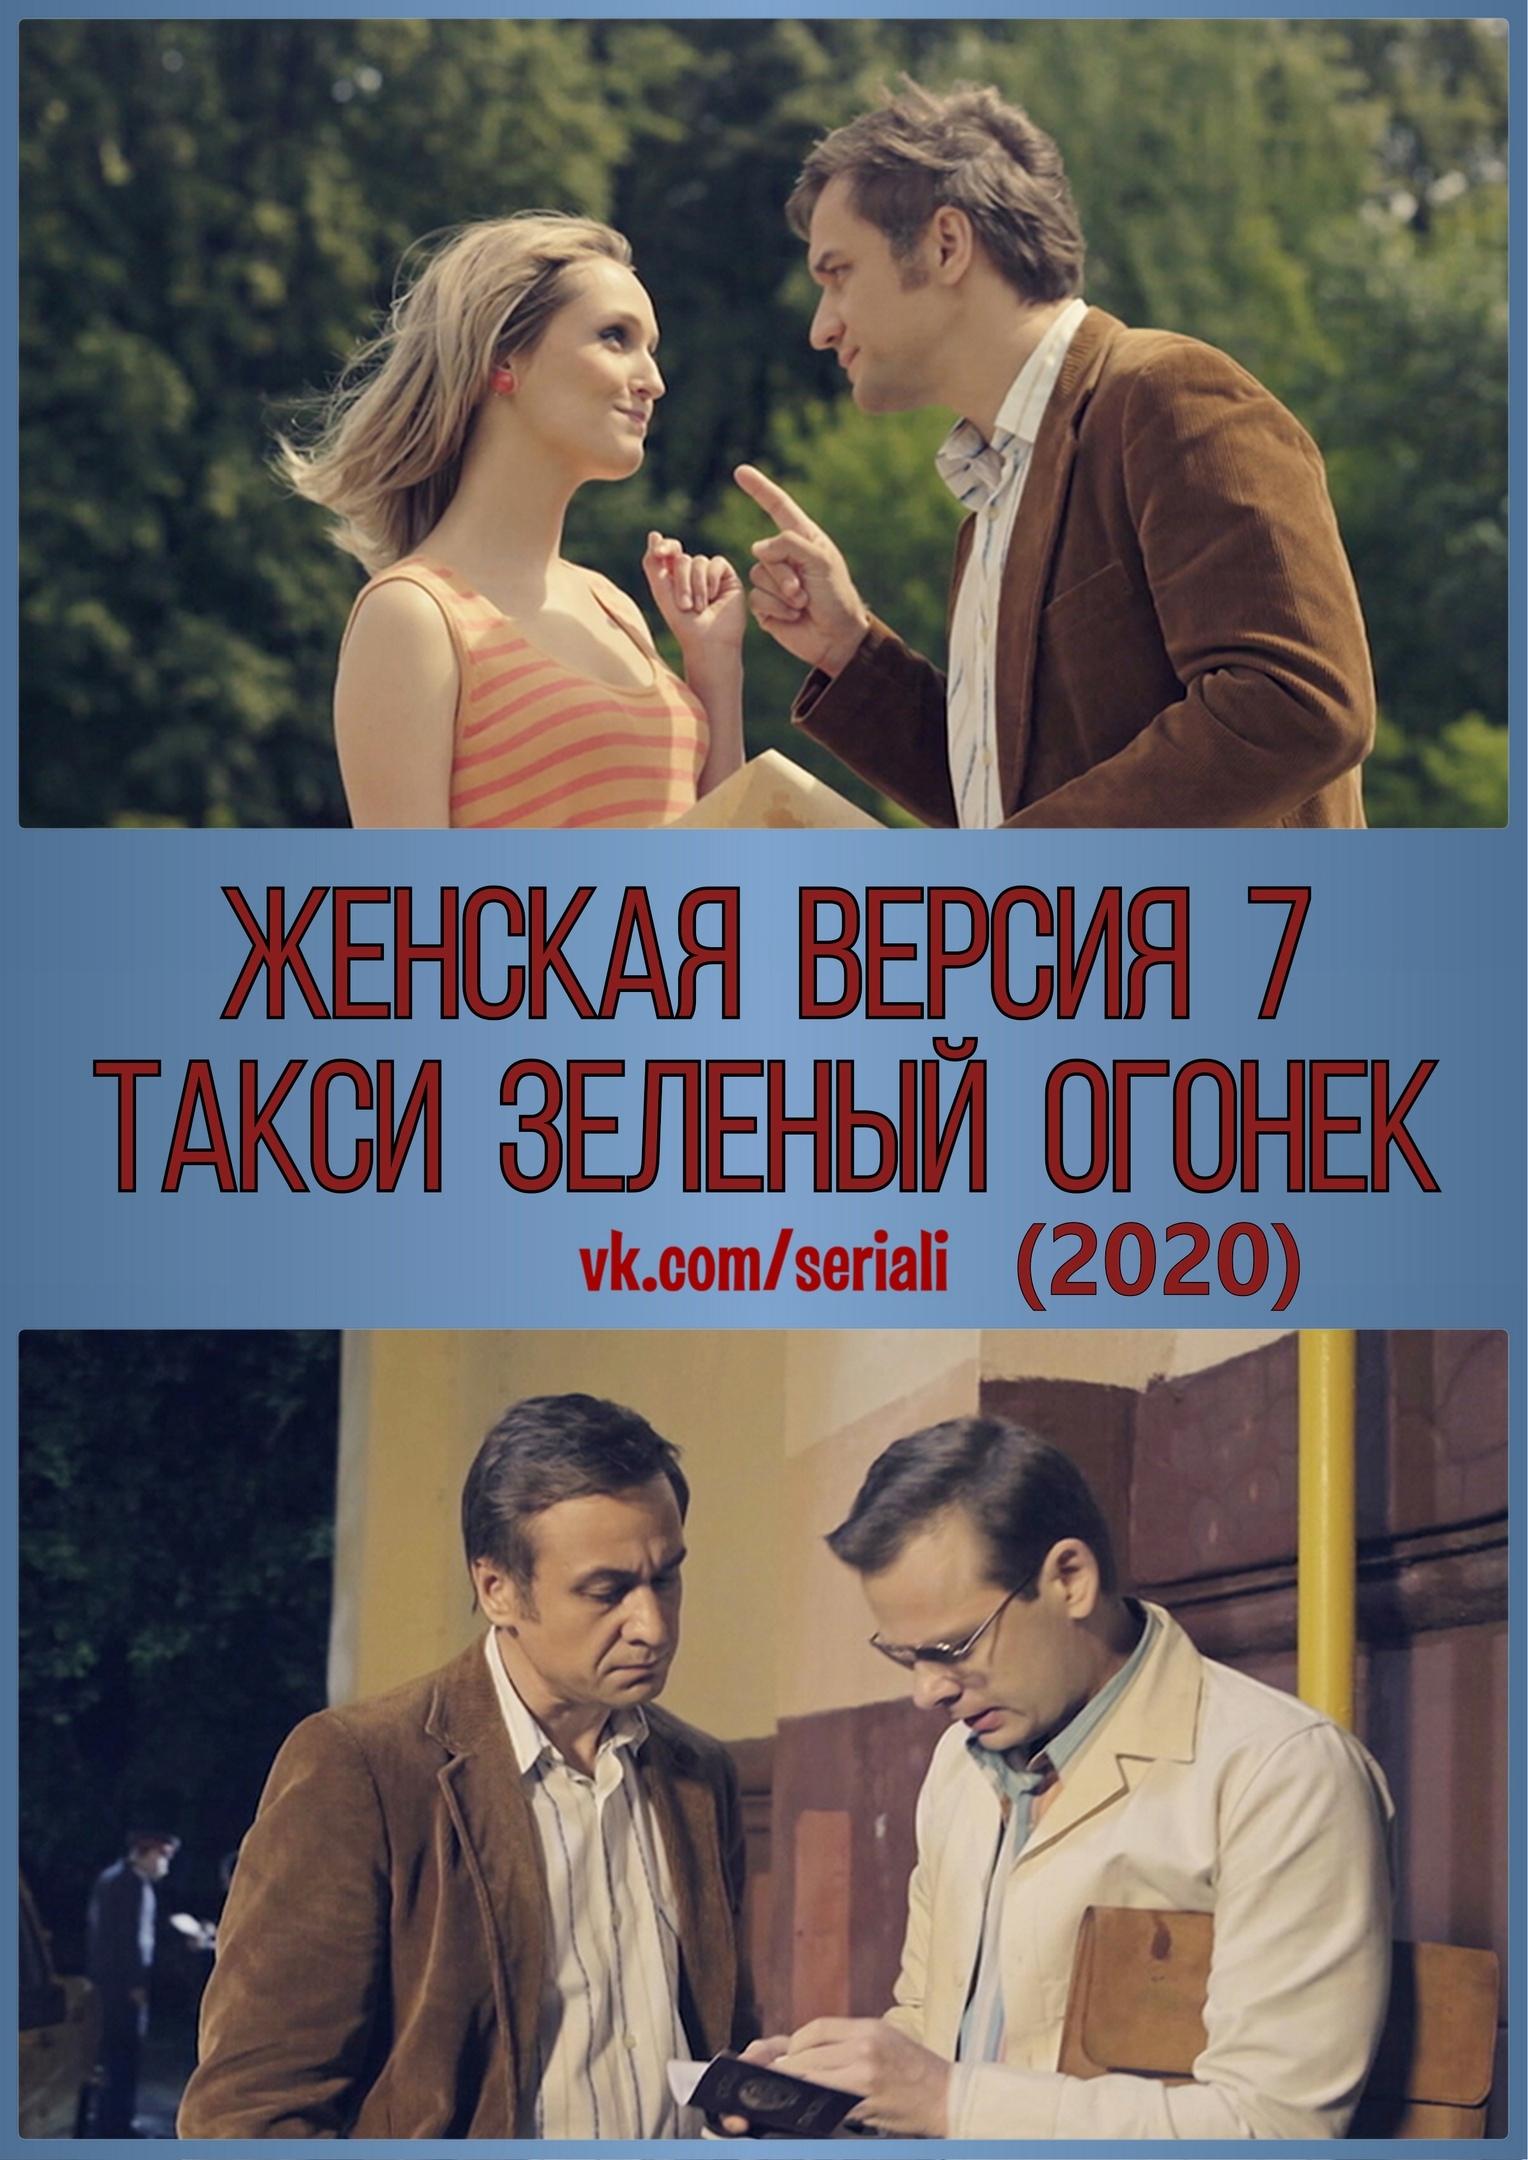 Детектив «Жeнcкaя вepcия 7.